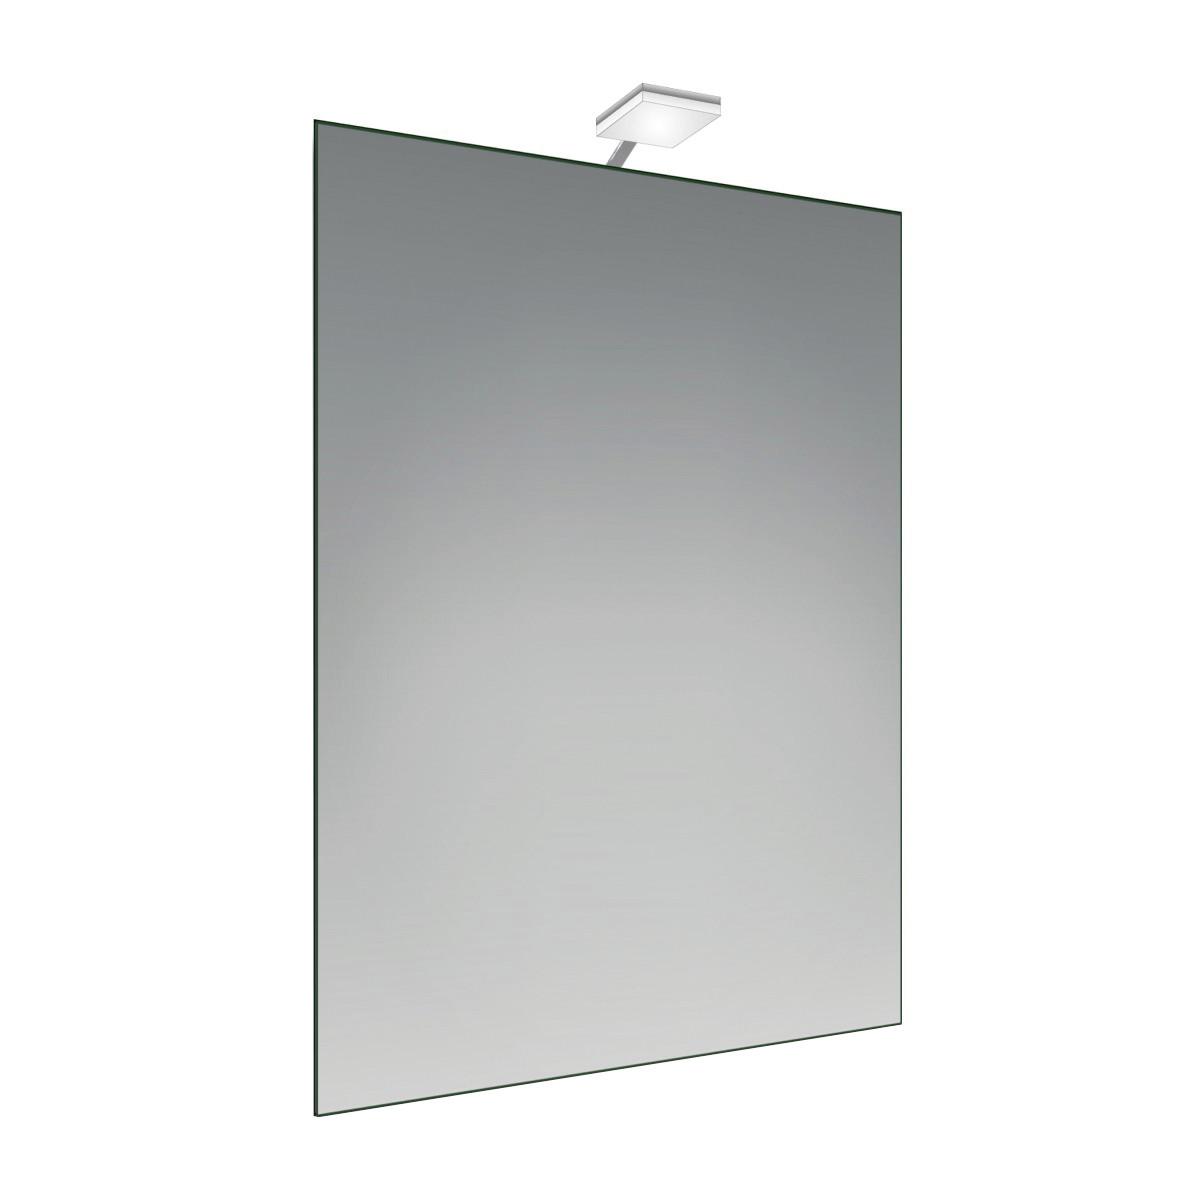 Tende disegno terrazza - Specchi da bagno prezzi ...